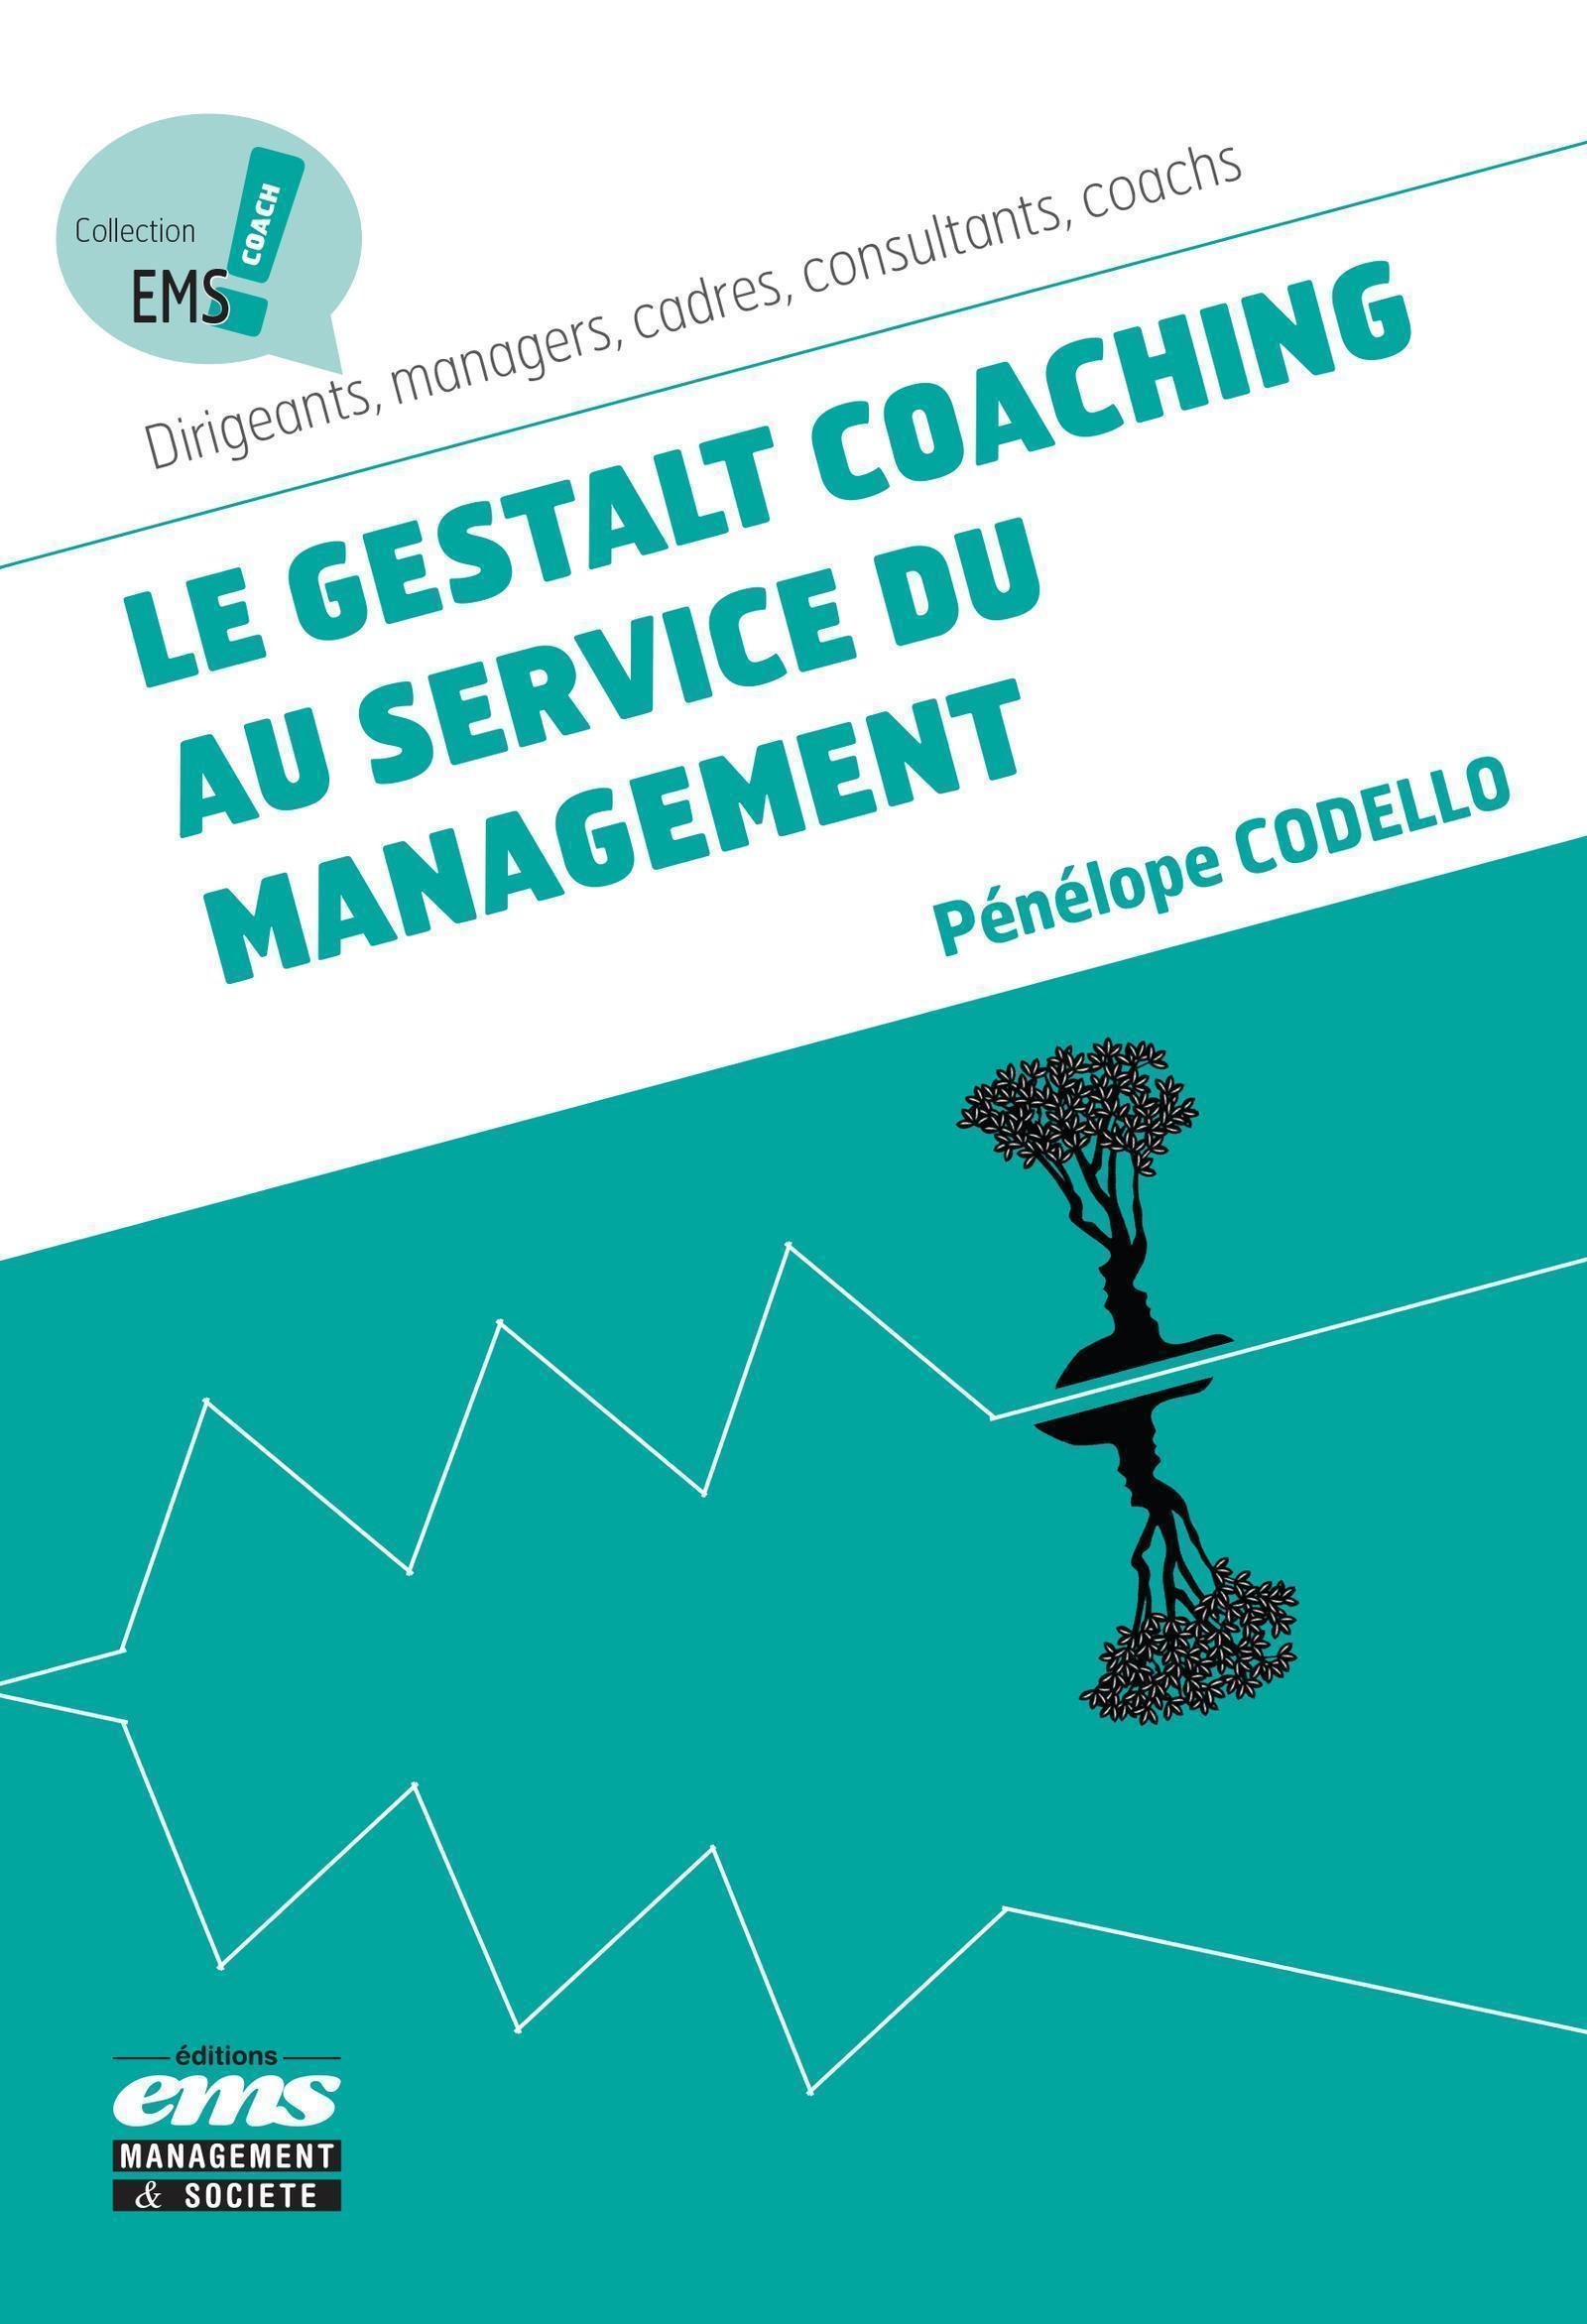 LE GESTALT COACHING AU SERVICE DU MANAGEMENT - PREFACE DE STEPHANE ALBERNHE